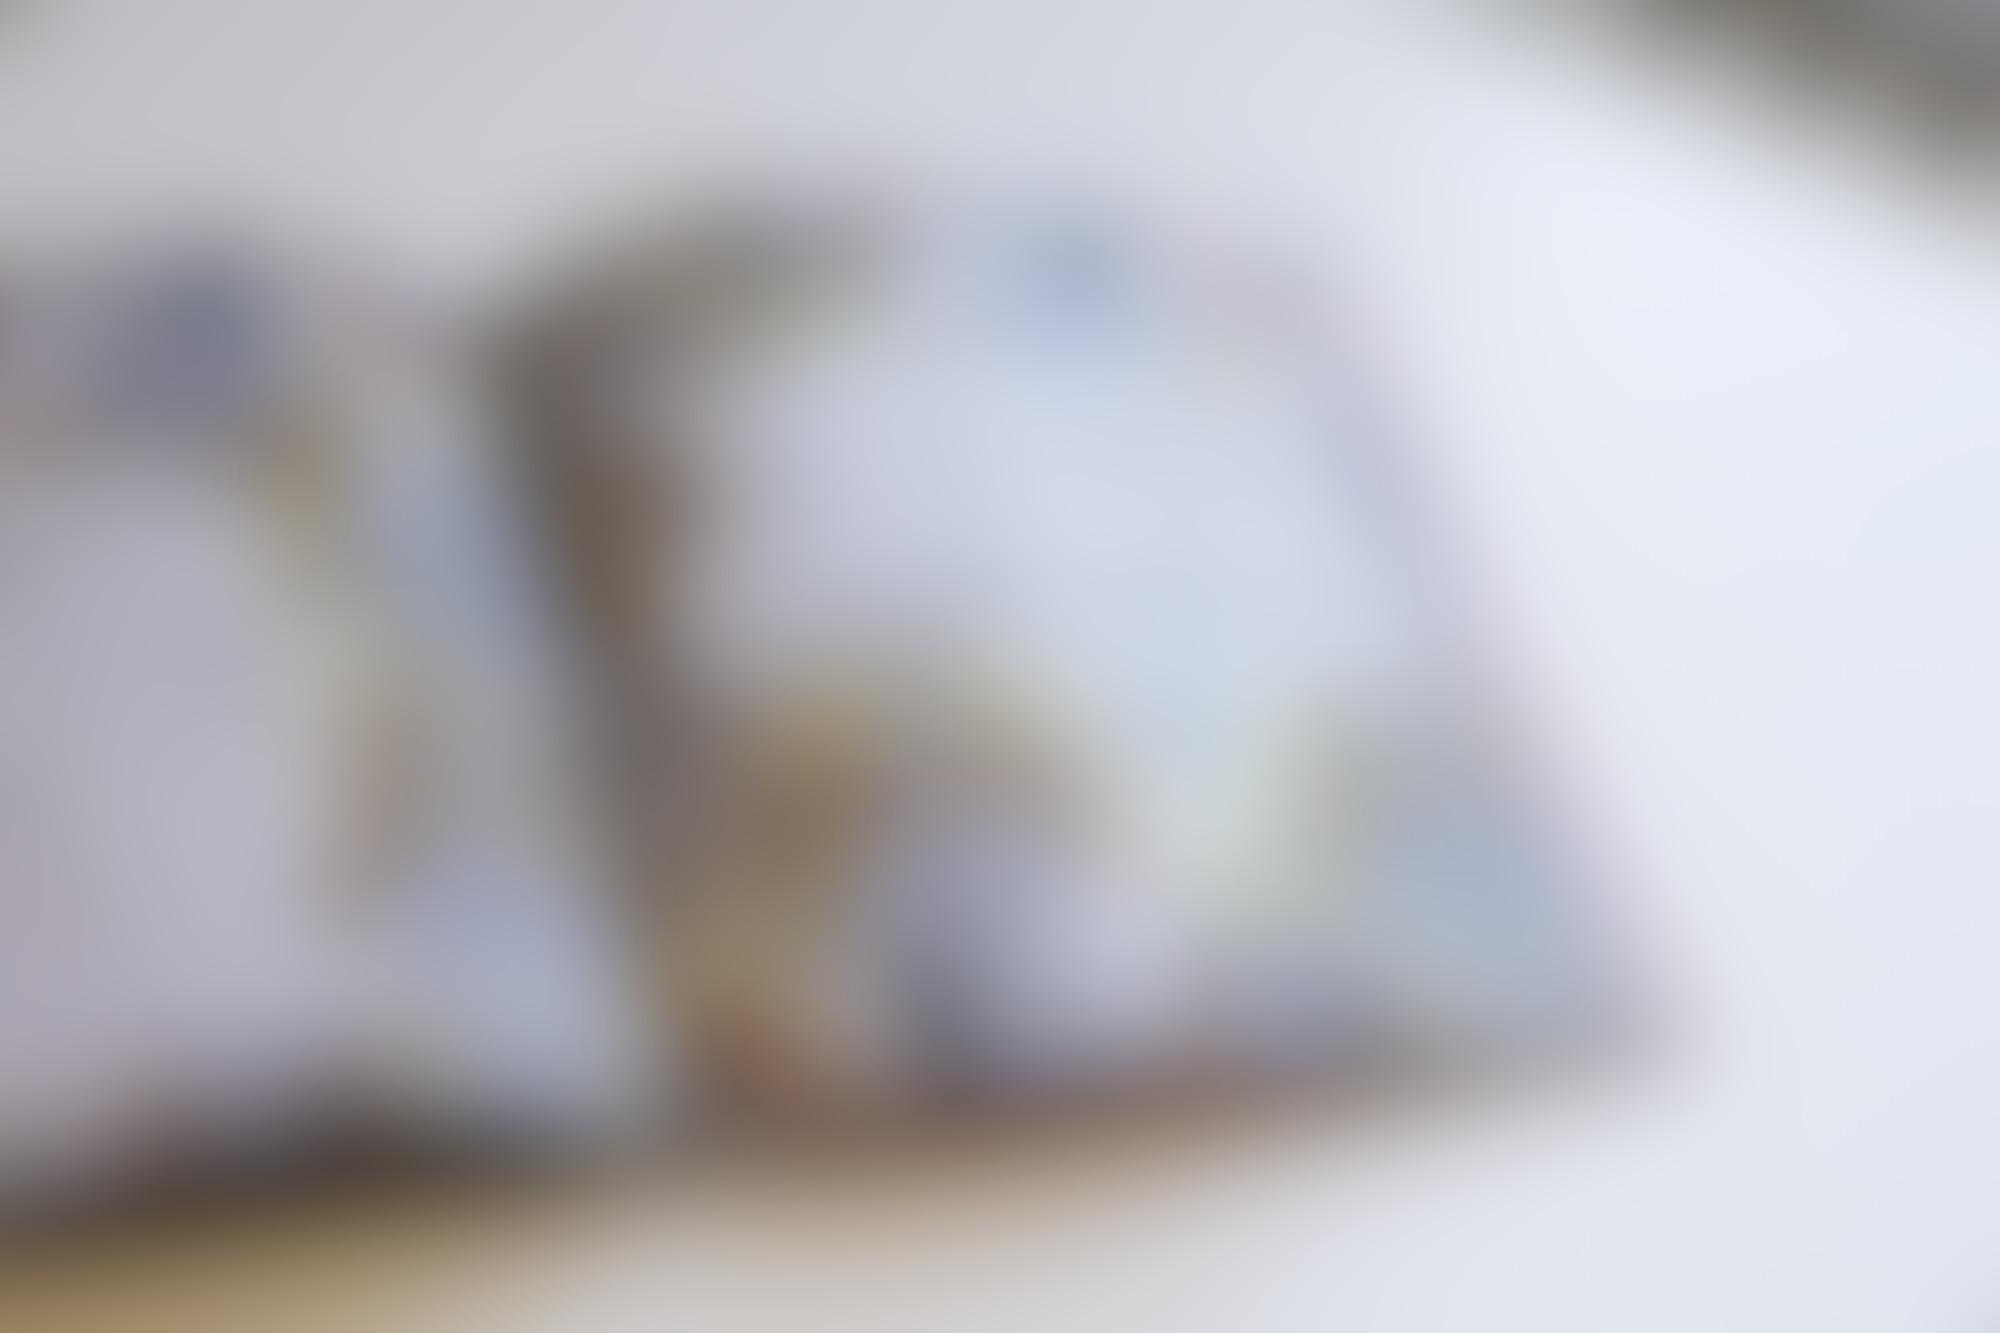 Recorder mag 1 autocompressfitresizeixlibphp 1 1 0max h2000max w3 D2000q80s76ee559a7c3fff0f87758bc6a2d92024